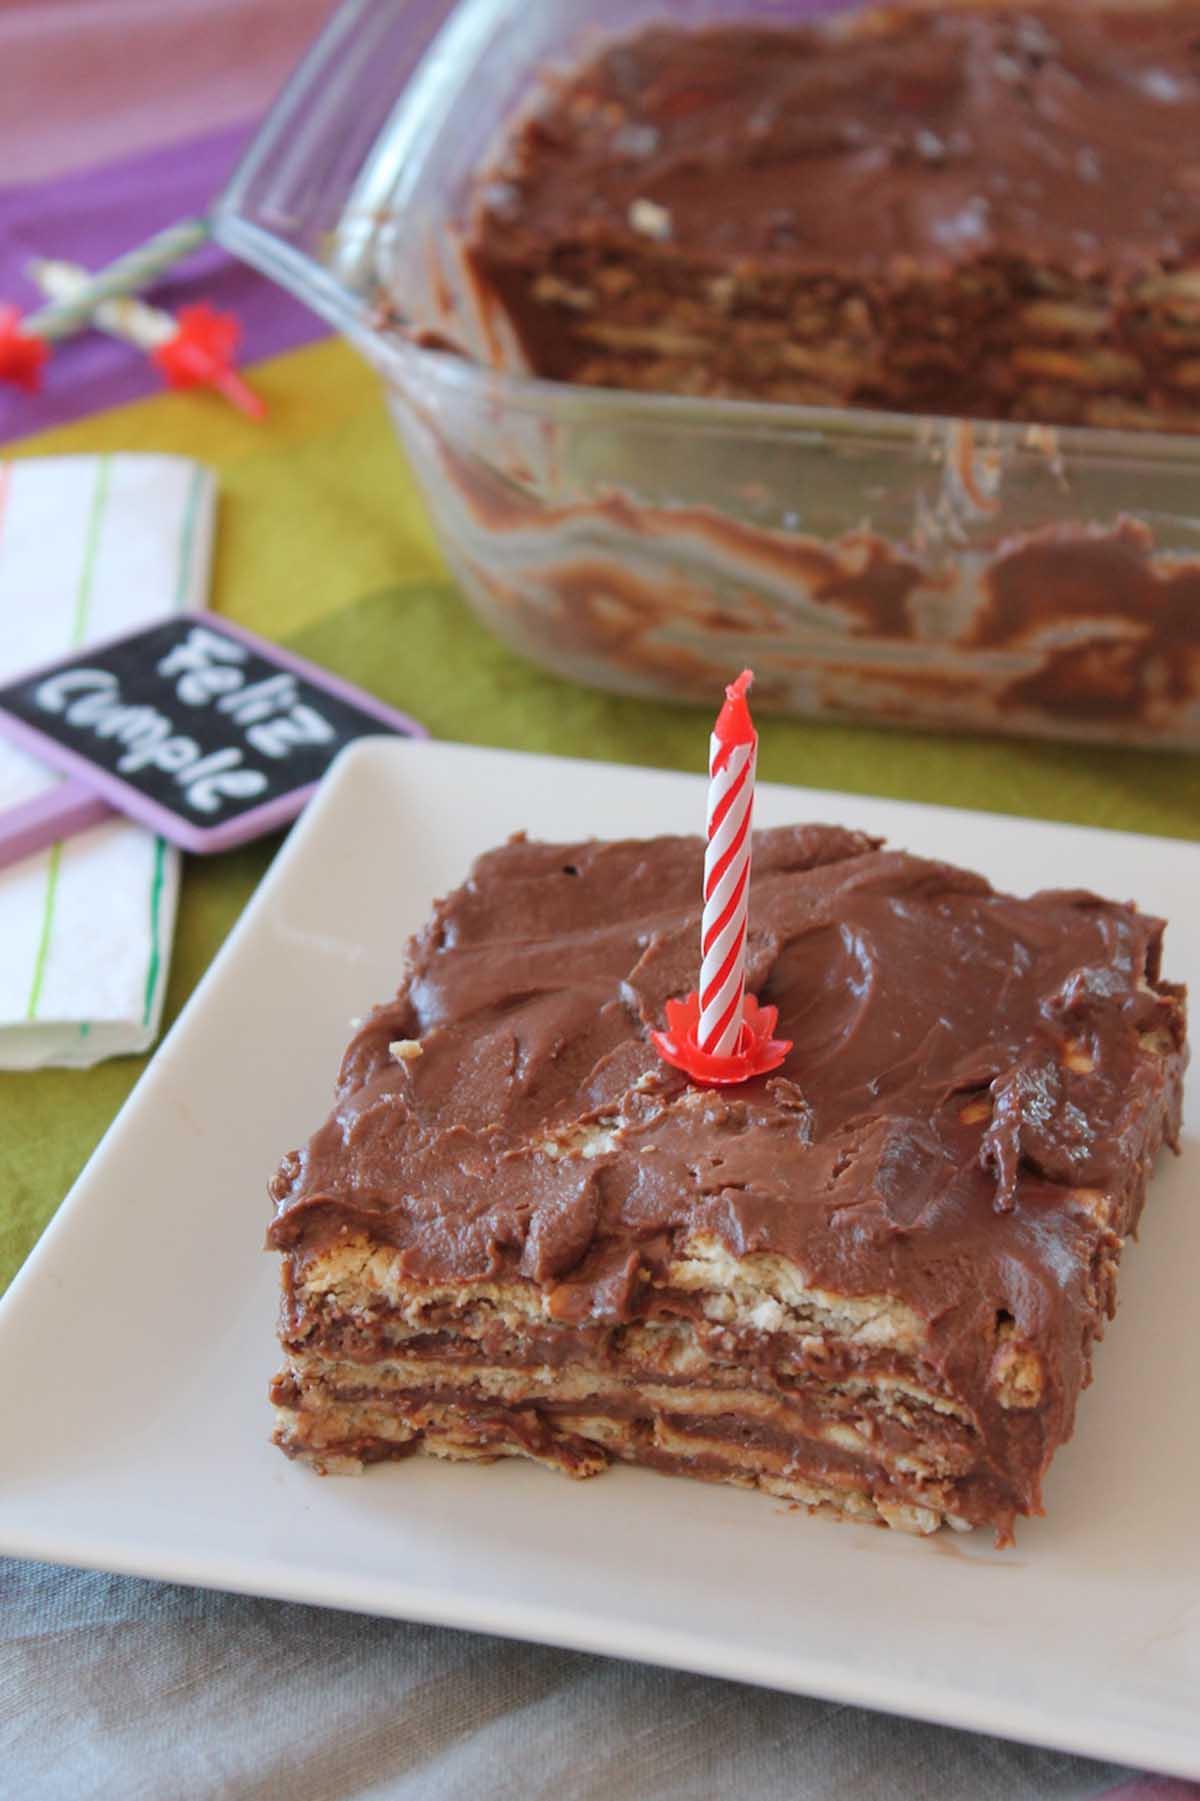 Tarta de la abuela de galletas, natillas y chocolate